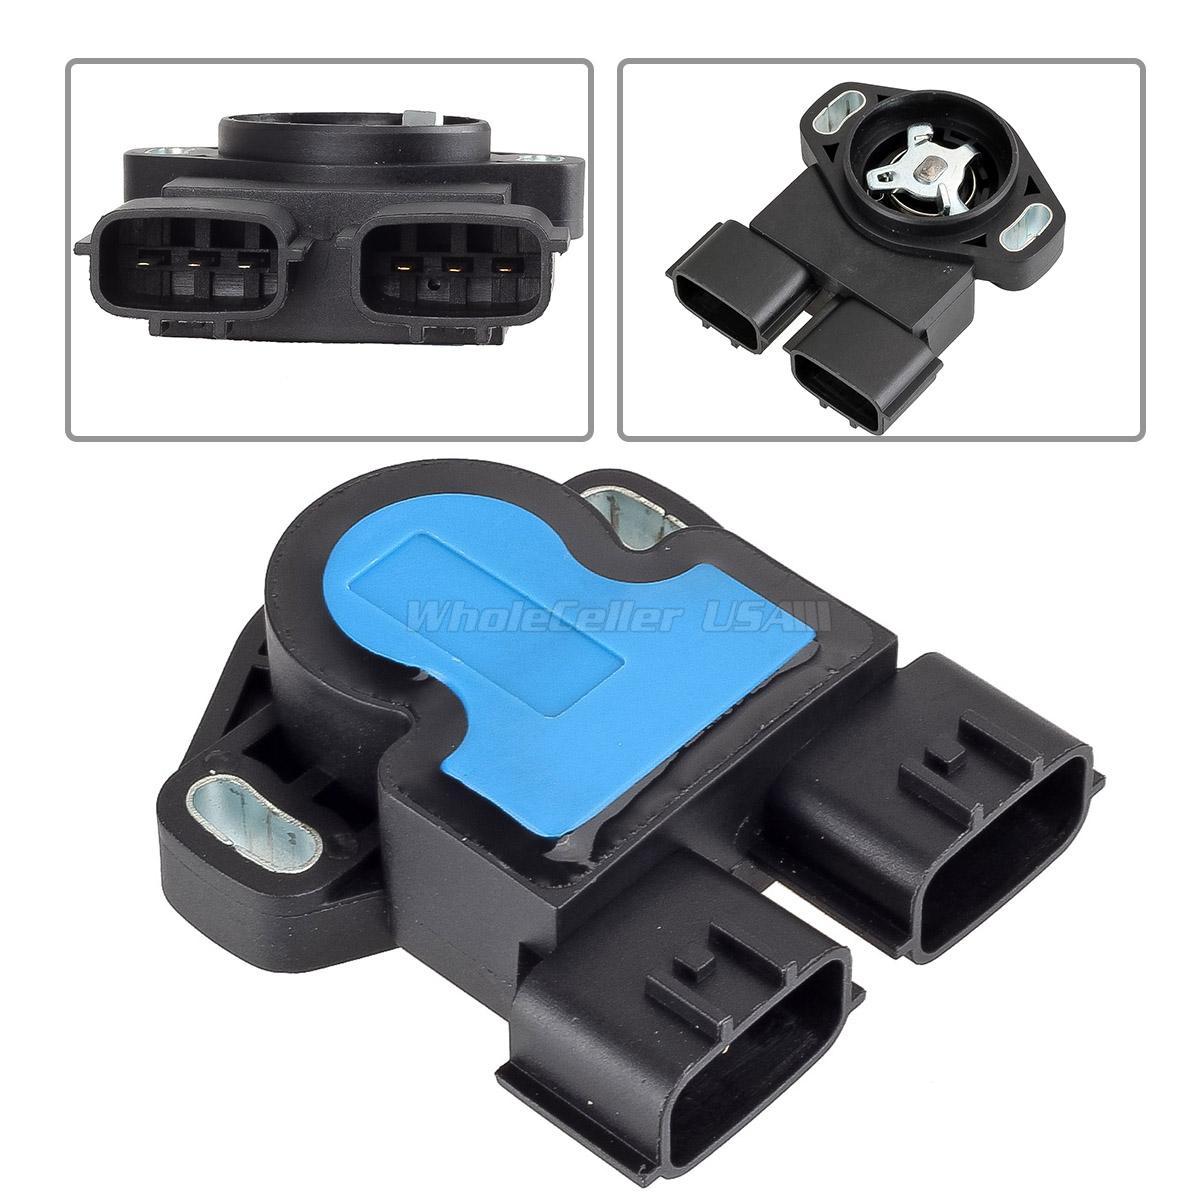 Engine Throttle Position Sensor TPS for Infiniti Nissan 3.3L V6 New